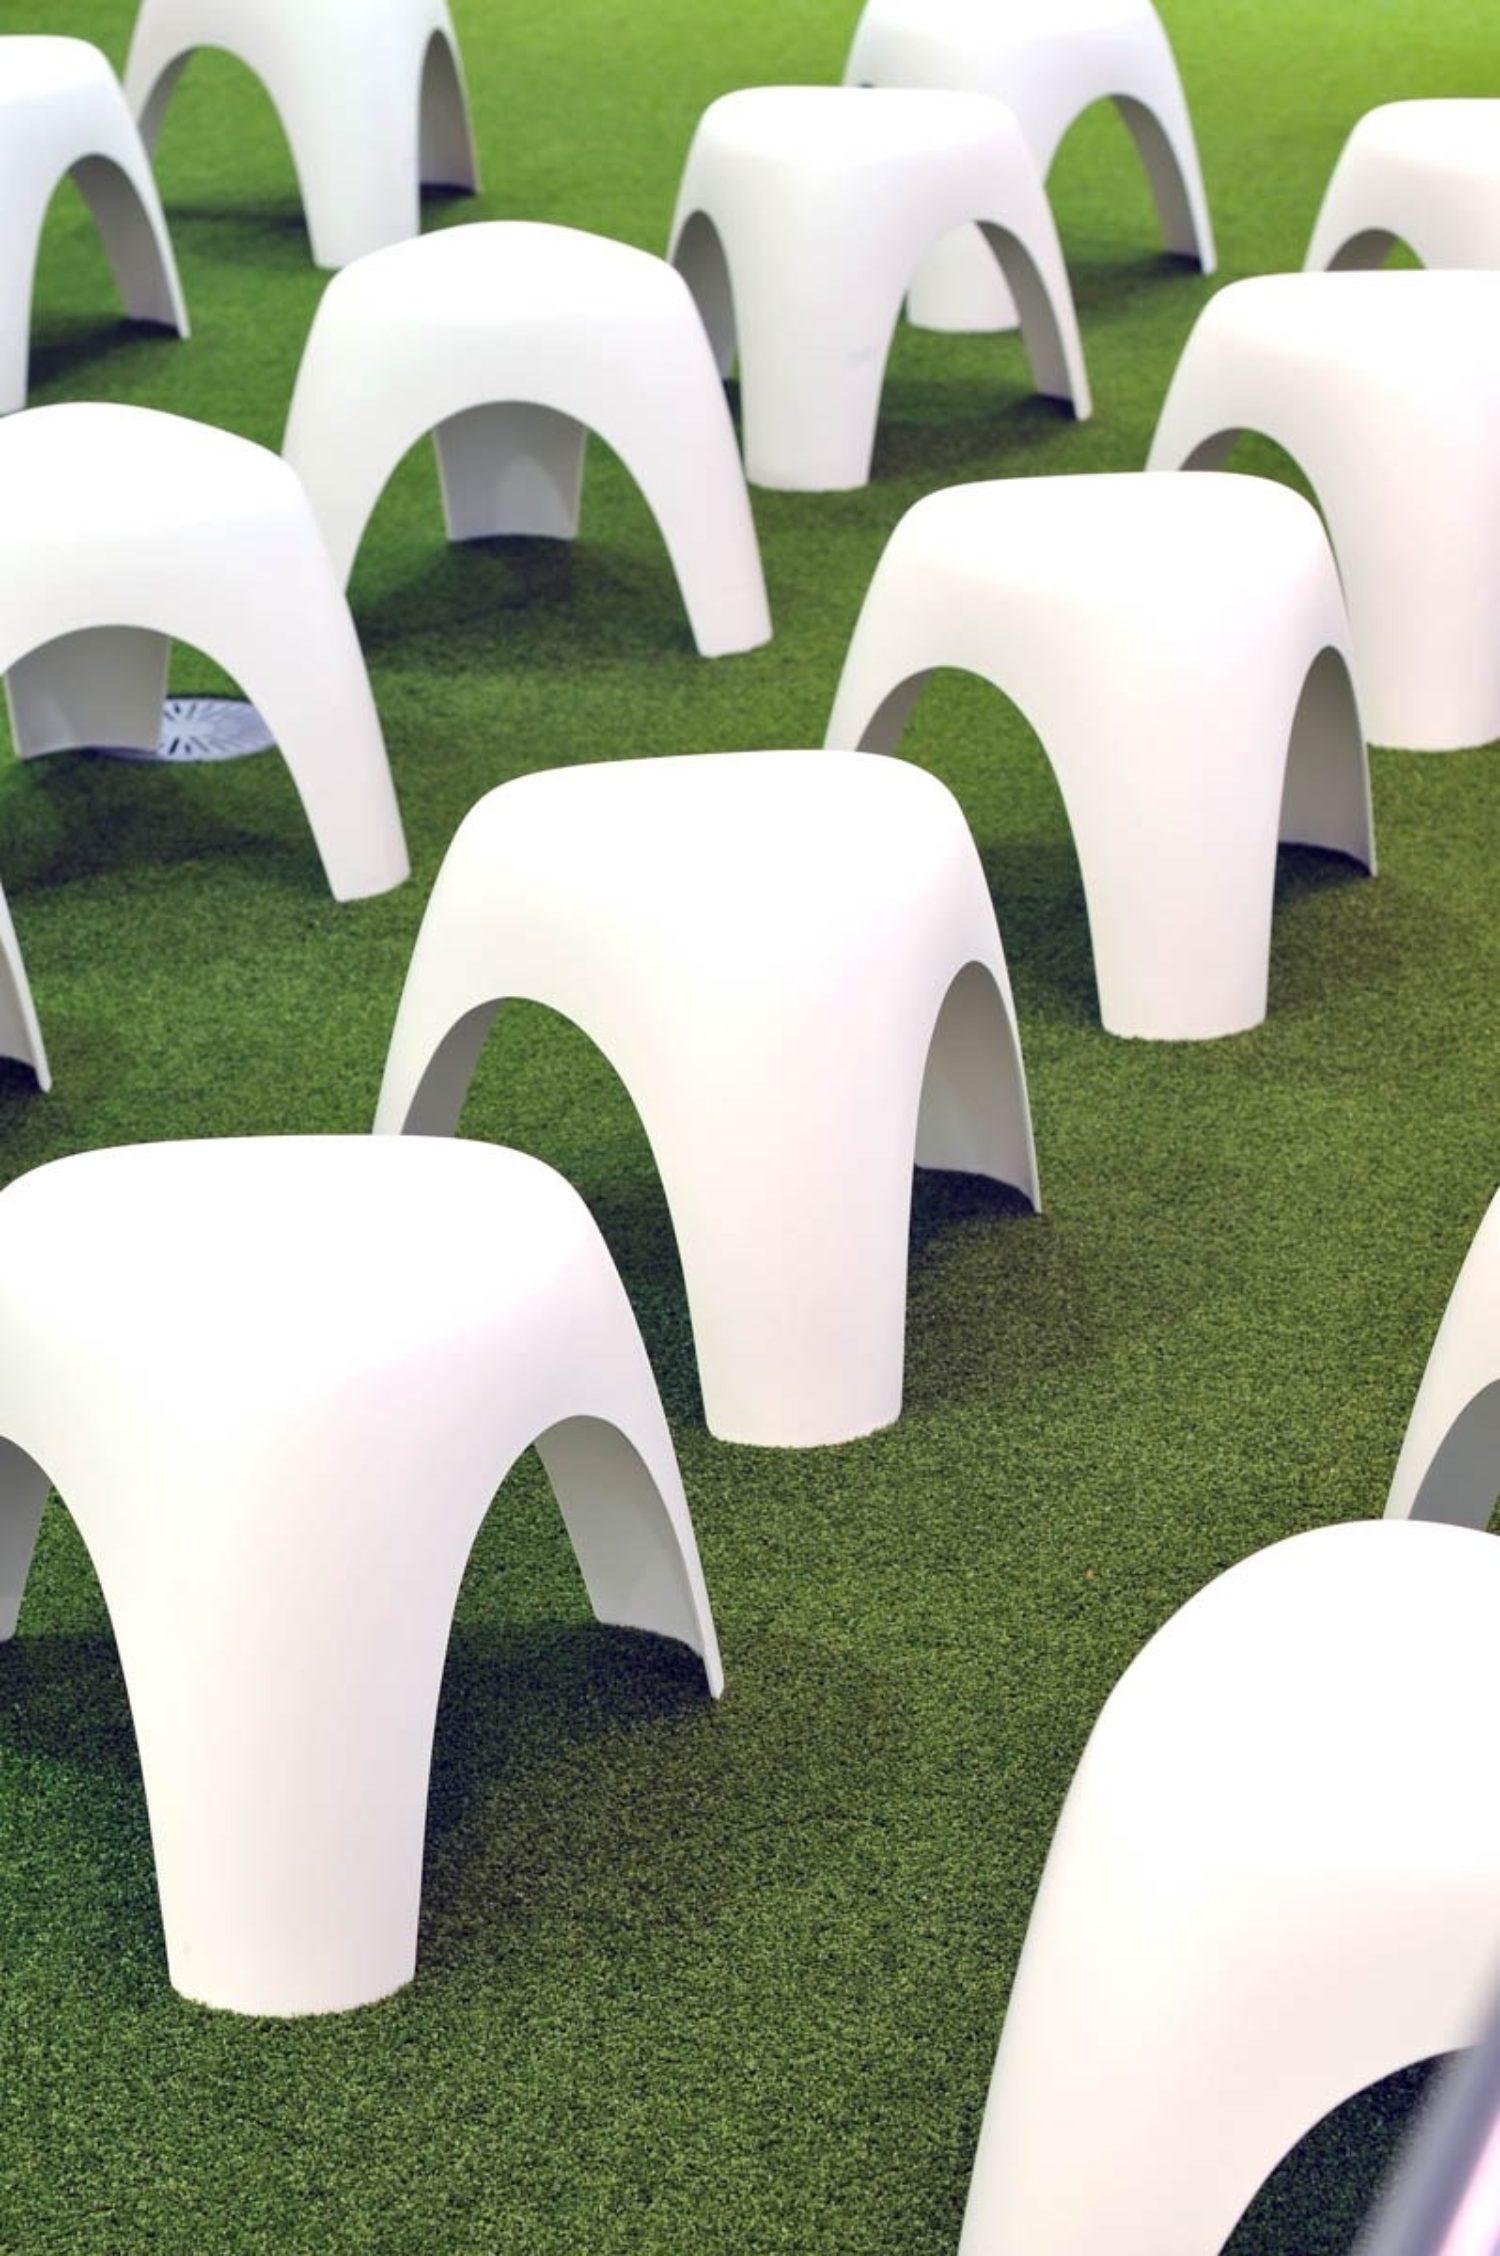 Rackspace breakout area furniture ideas